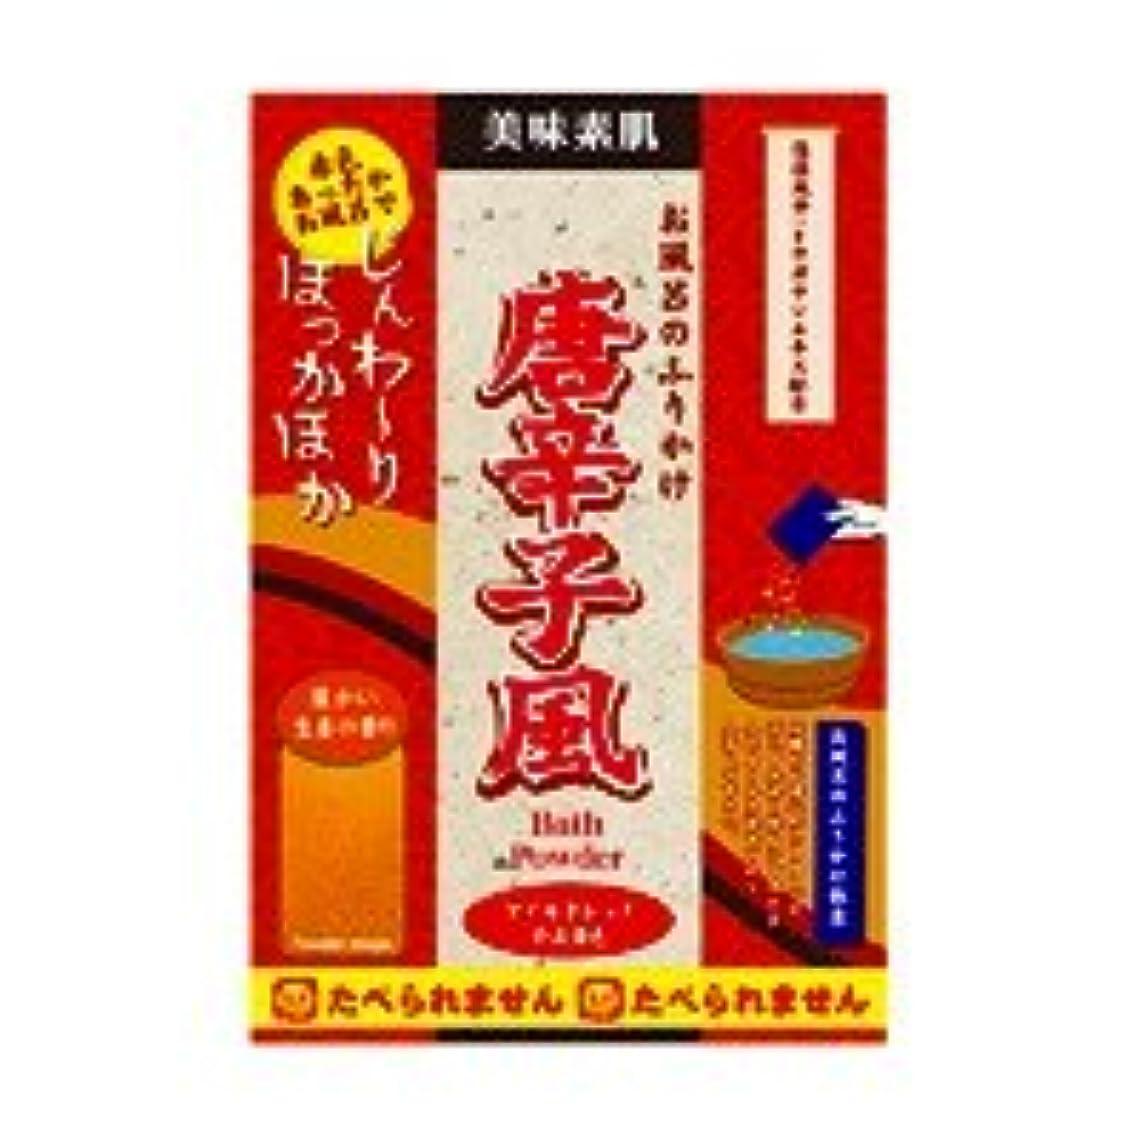 変換する完了社会お風呂のふりかけ「トウガラシ」12個セット マイルドレッドのお湯 温かい生姜の香り